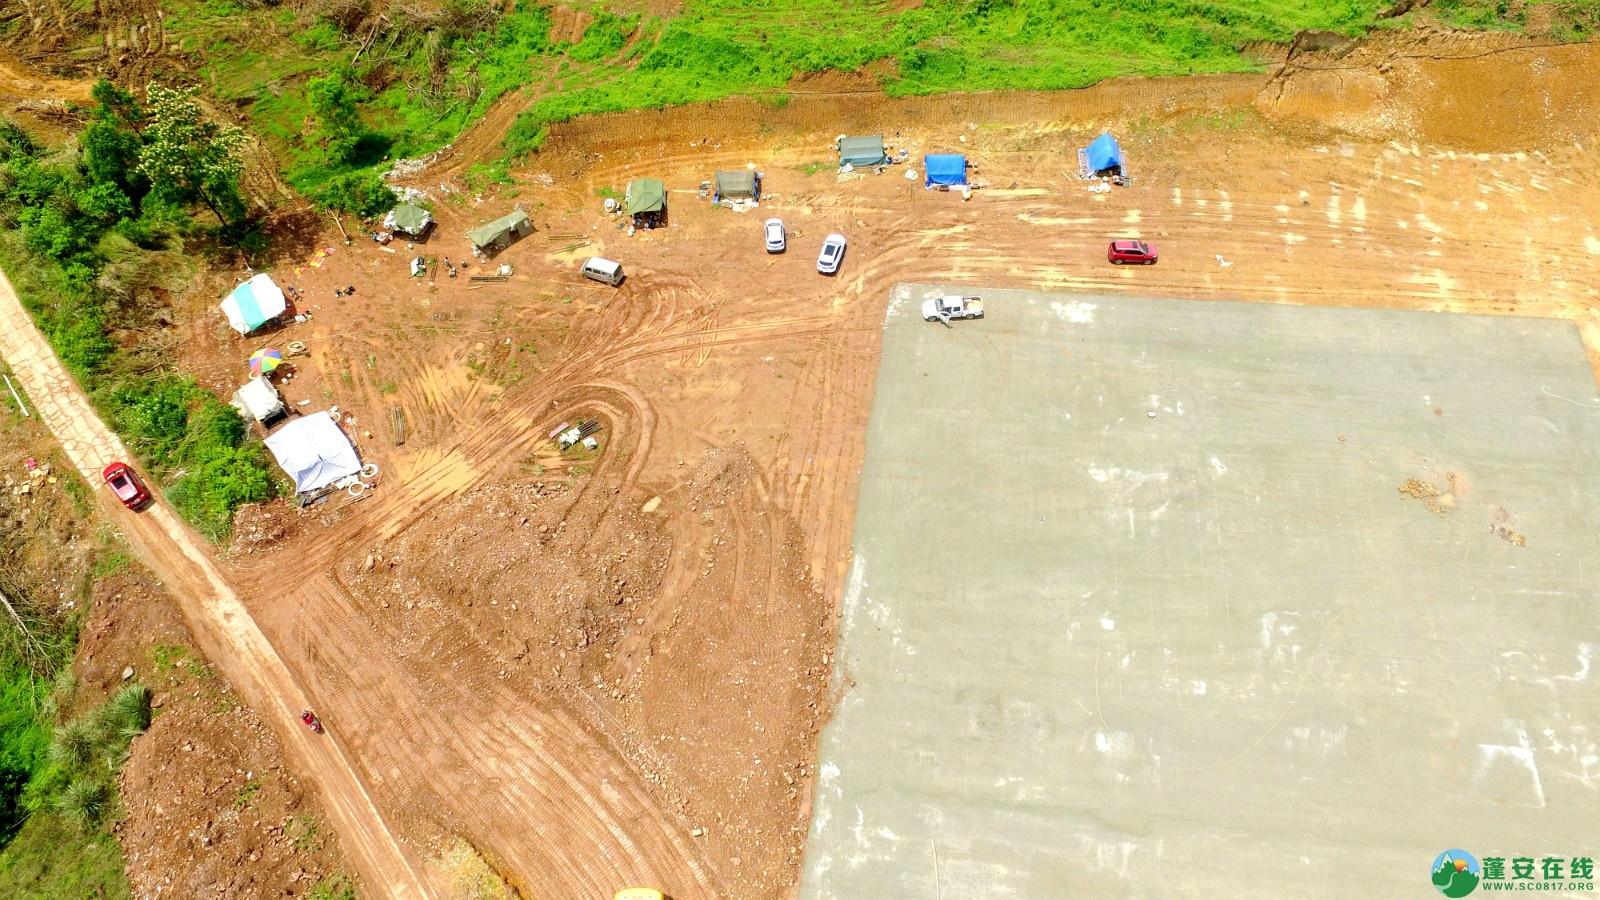 蓬安体育中心进展(2020.05.14) - 第15张  | 蓬安在线